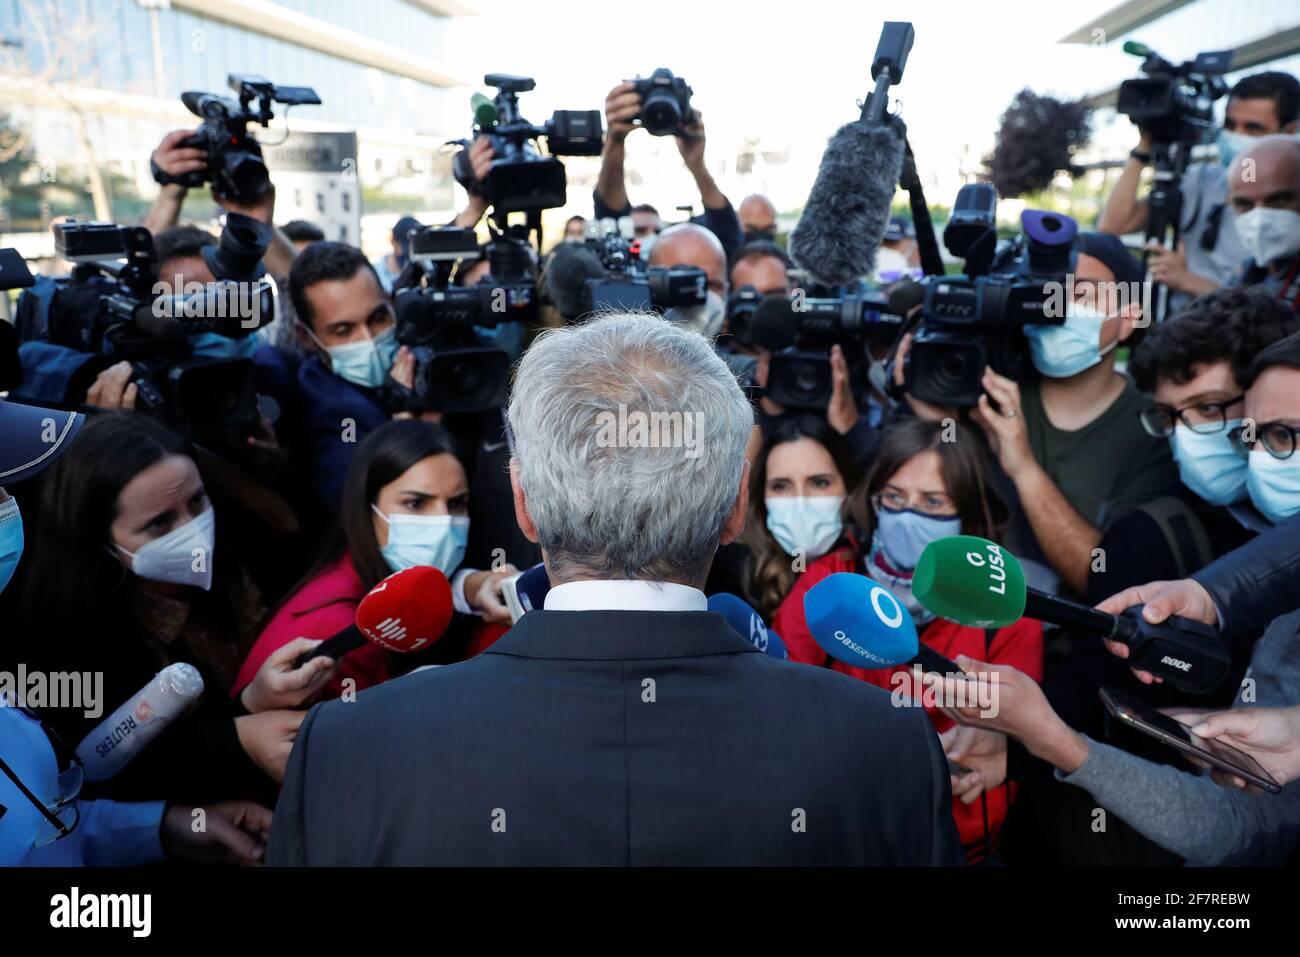 El ex Primer Ministro de Portugal, José Sócrates, habla con los medios de comunicación cuando abandona el tribunal después de oír la regla de que no será juzgado por cargos de corrupción en Lisboa, Portugal, el 9 de abril de 2021. REUTERS/Pedro Nunes Foto de stock